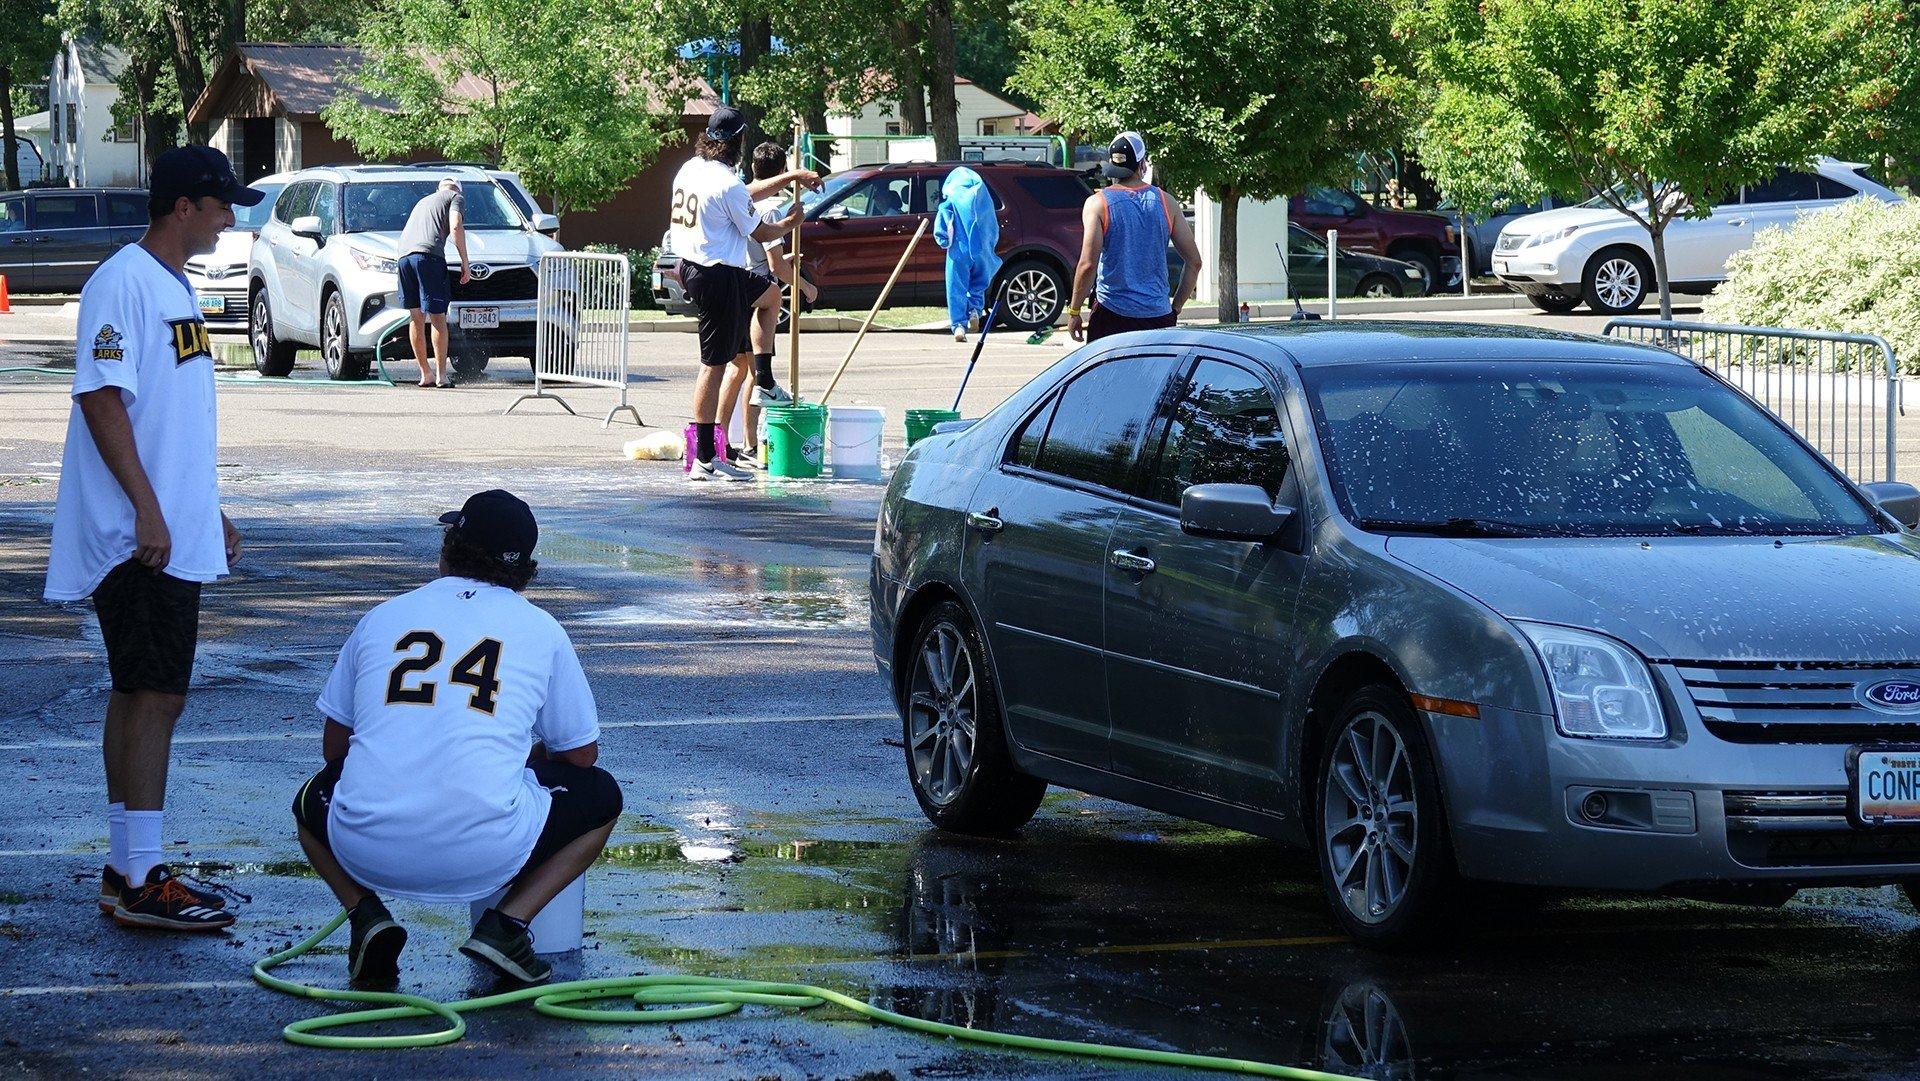 Larks players take a break while washing cars in Bismarck.